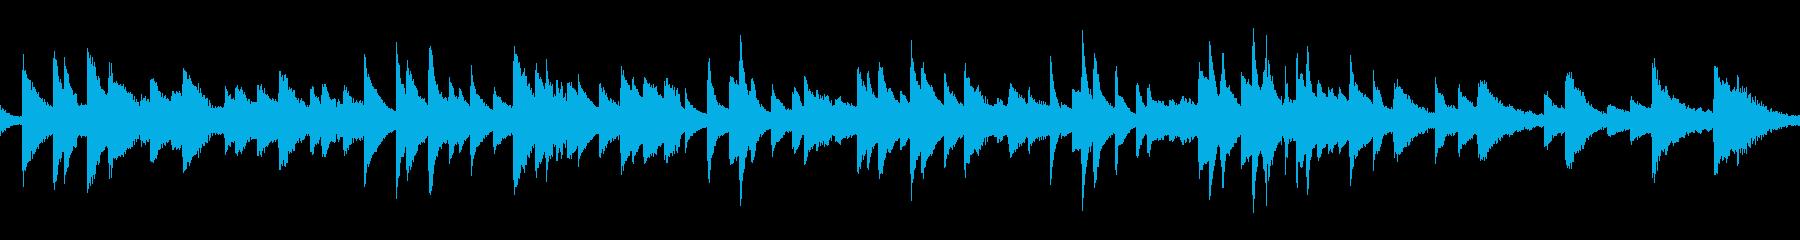 ループ 生ピアノ ソロ  切ないバラードの再生済みの波形